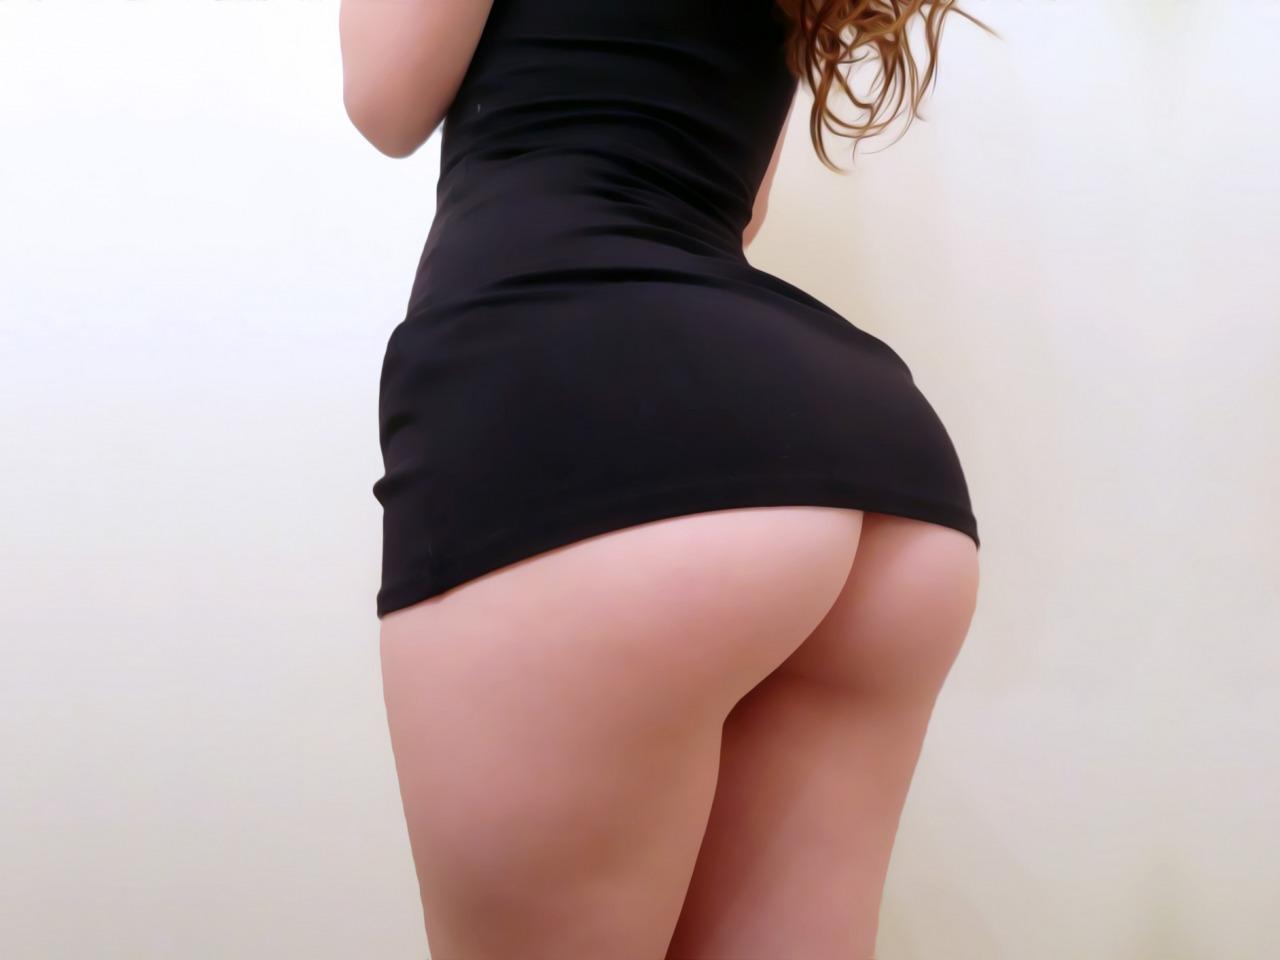 Фото девушек с заду с талией 13 фотография